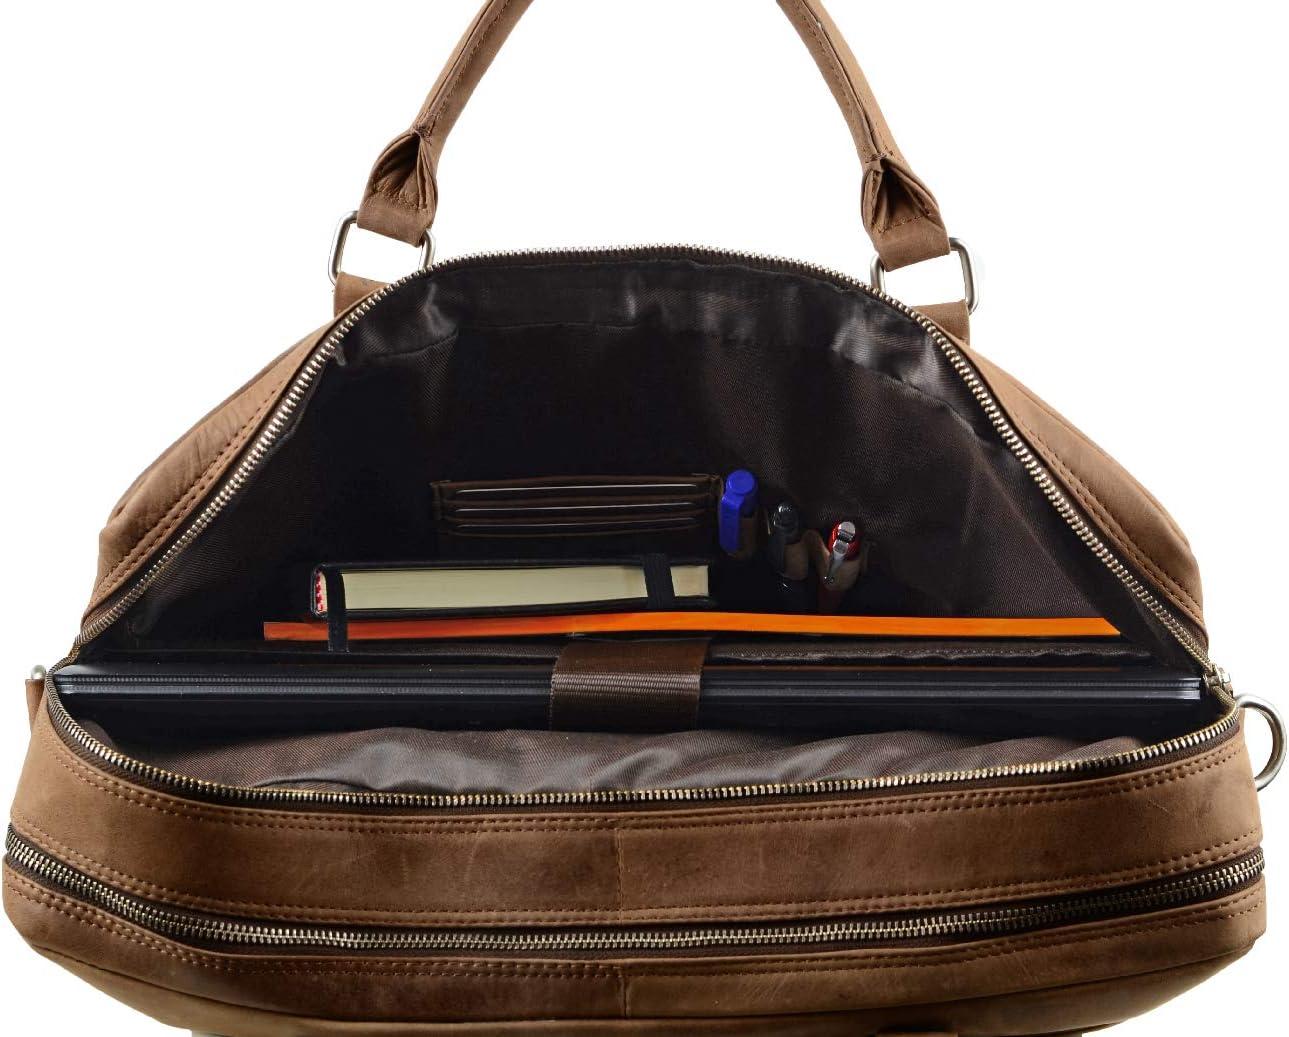 Antique FEYNST Leder Aktentasche Umh/ängetasche 15,6 Zoll Laptoptasche Notebooktasche Herren Damen